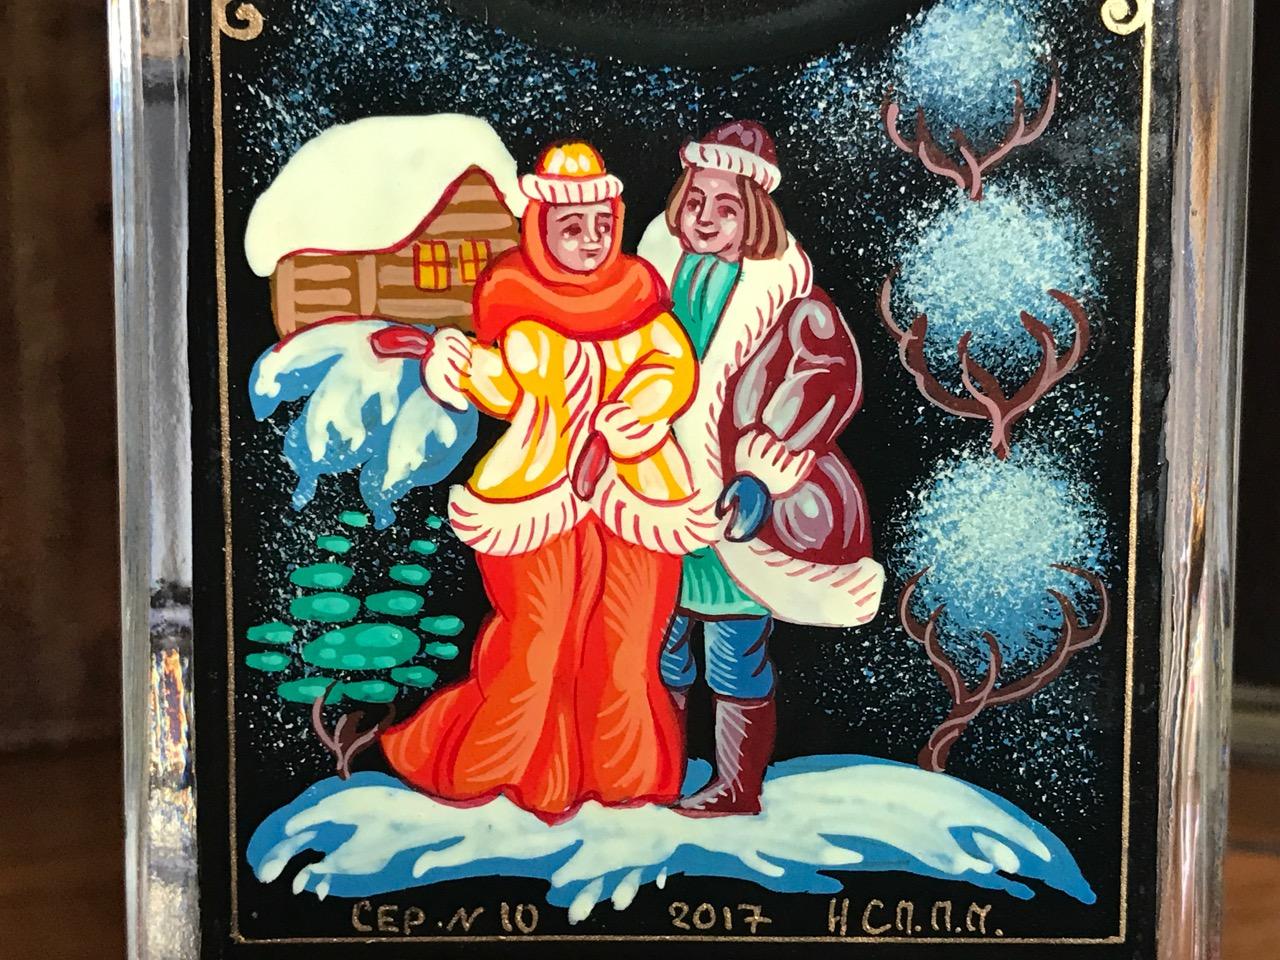 JEWEL OF RUSSIA VODKA 2